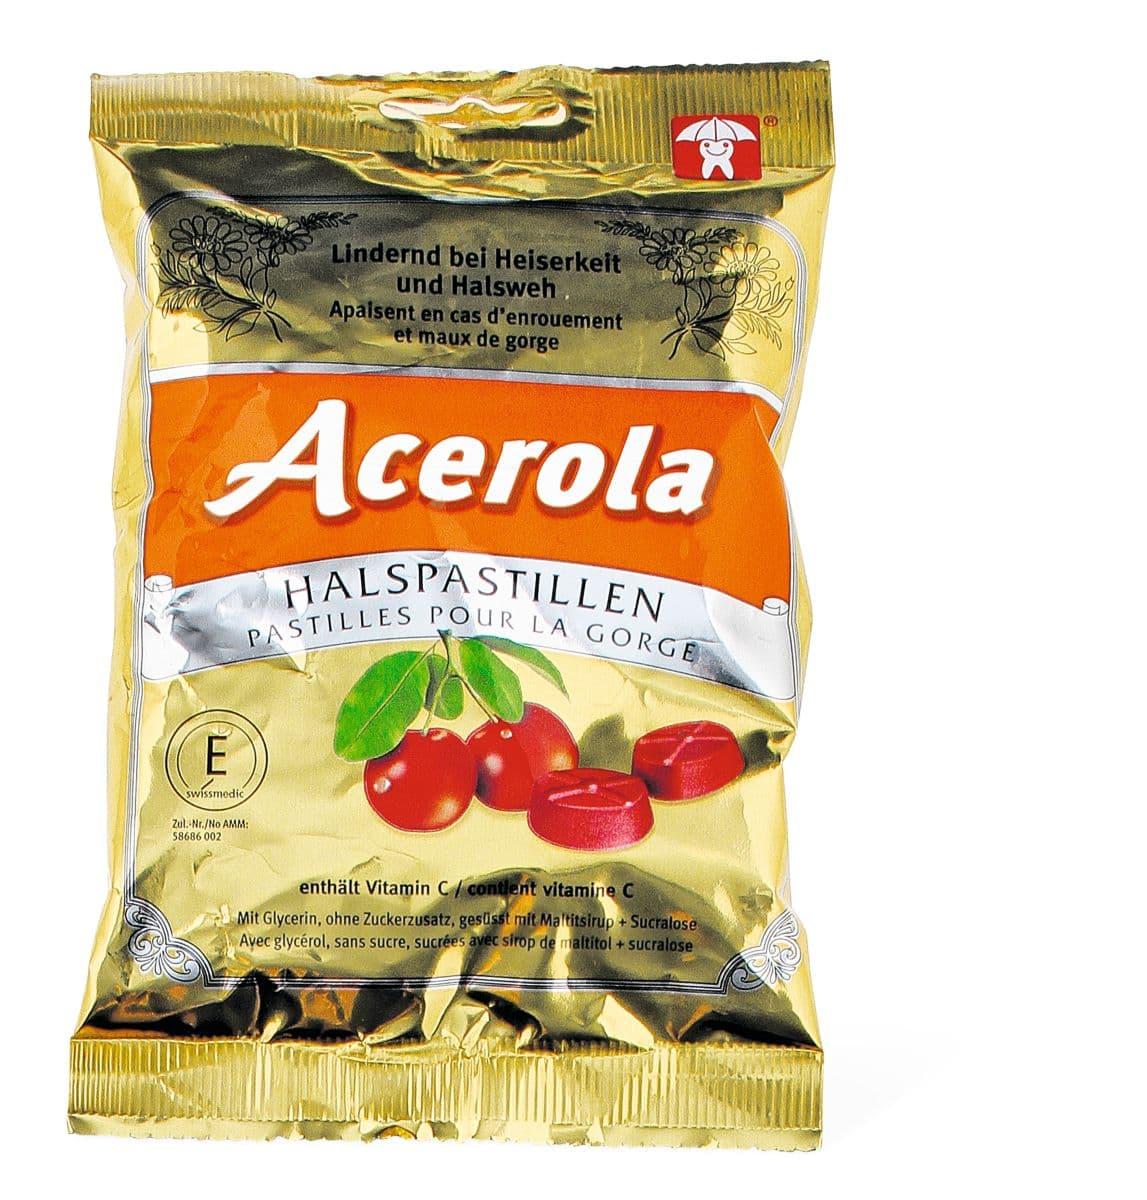 Acerola Cherry Halspastillen